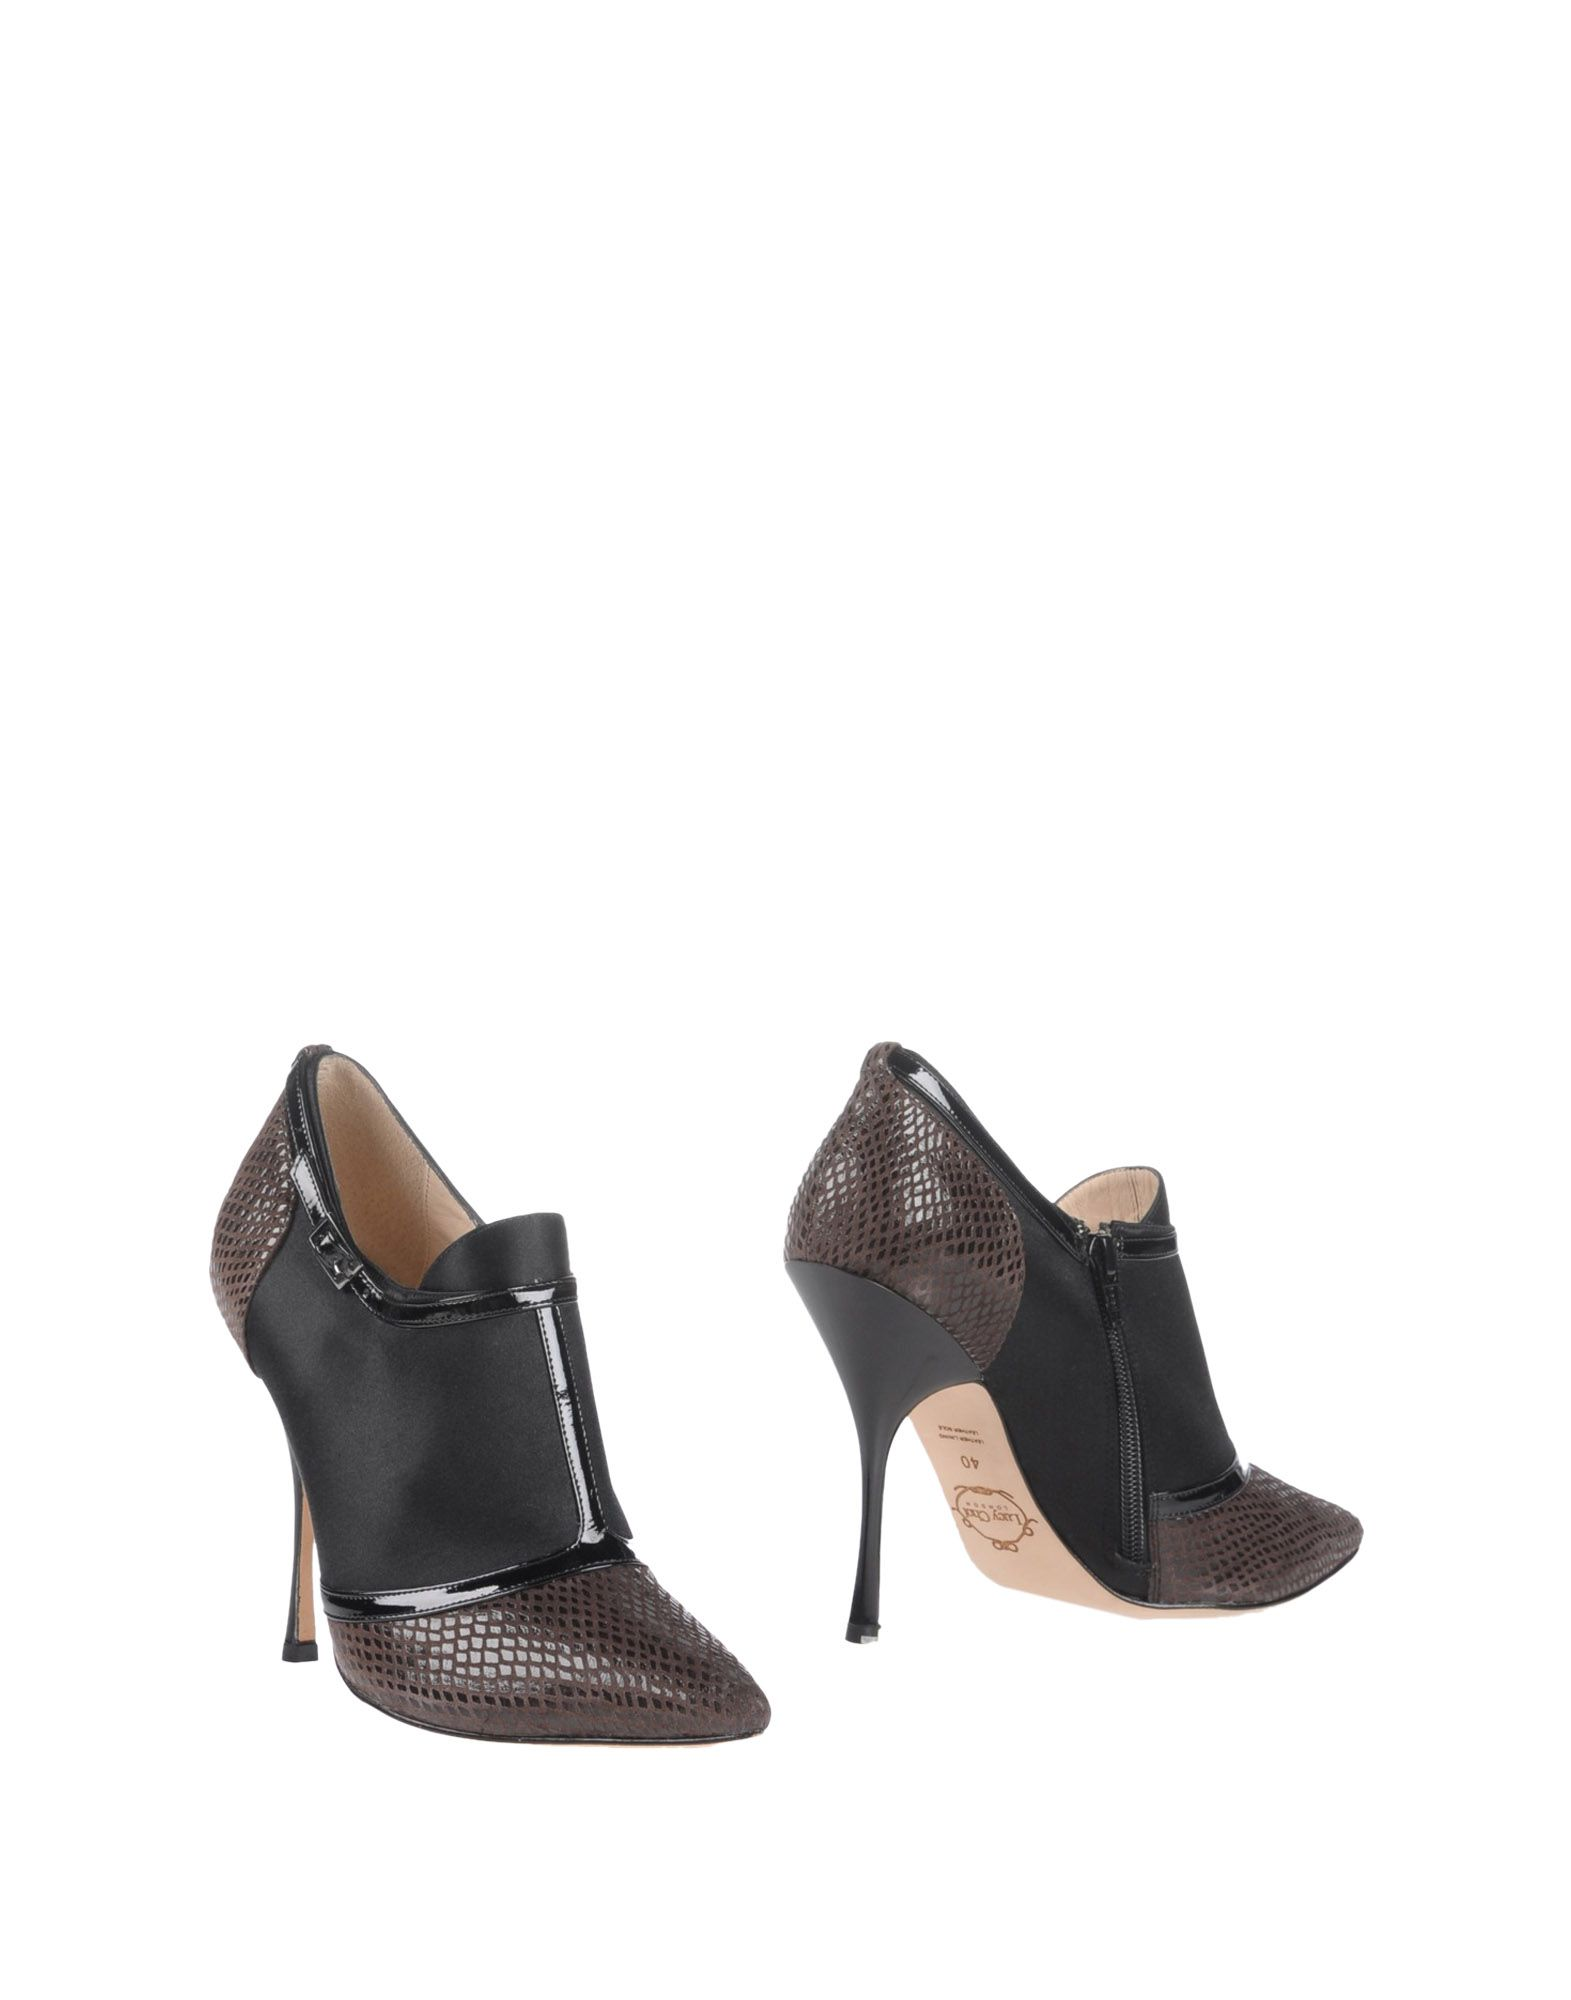 LUCY CHOI London Ботинки цены онлайн